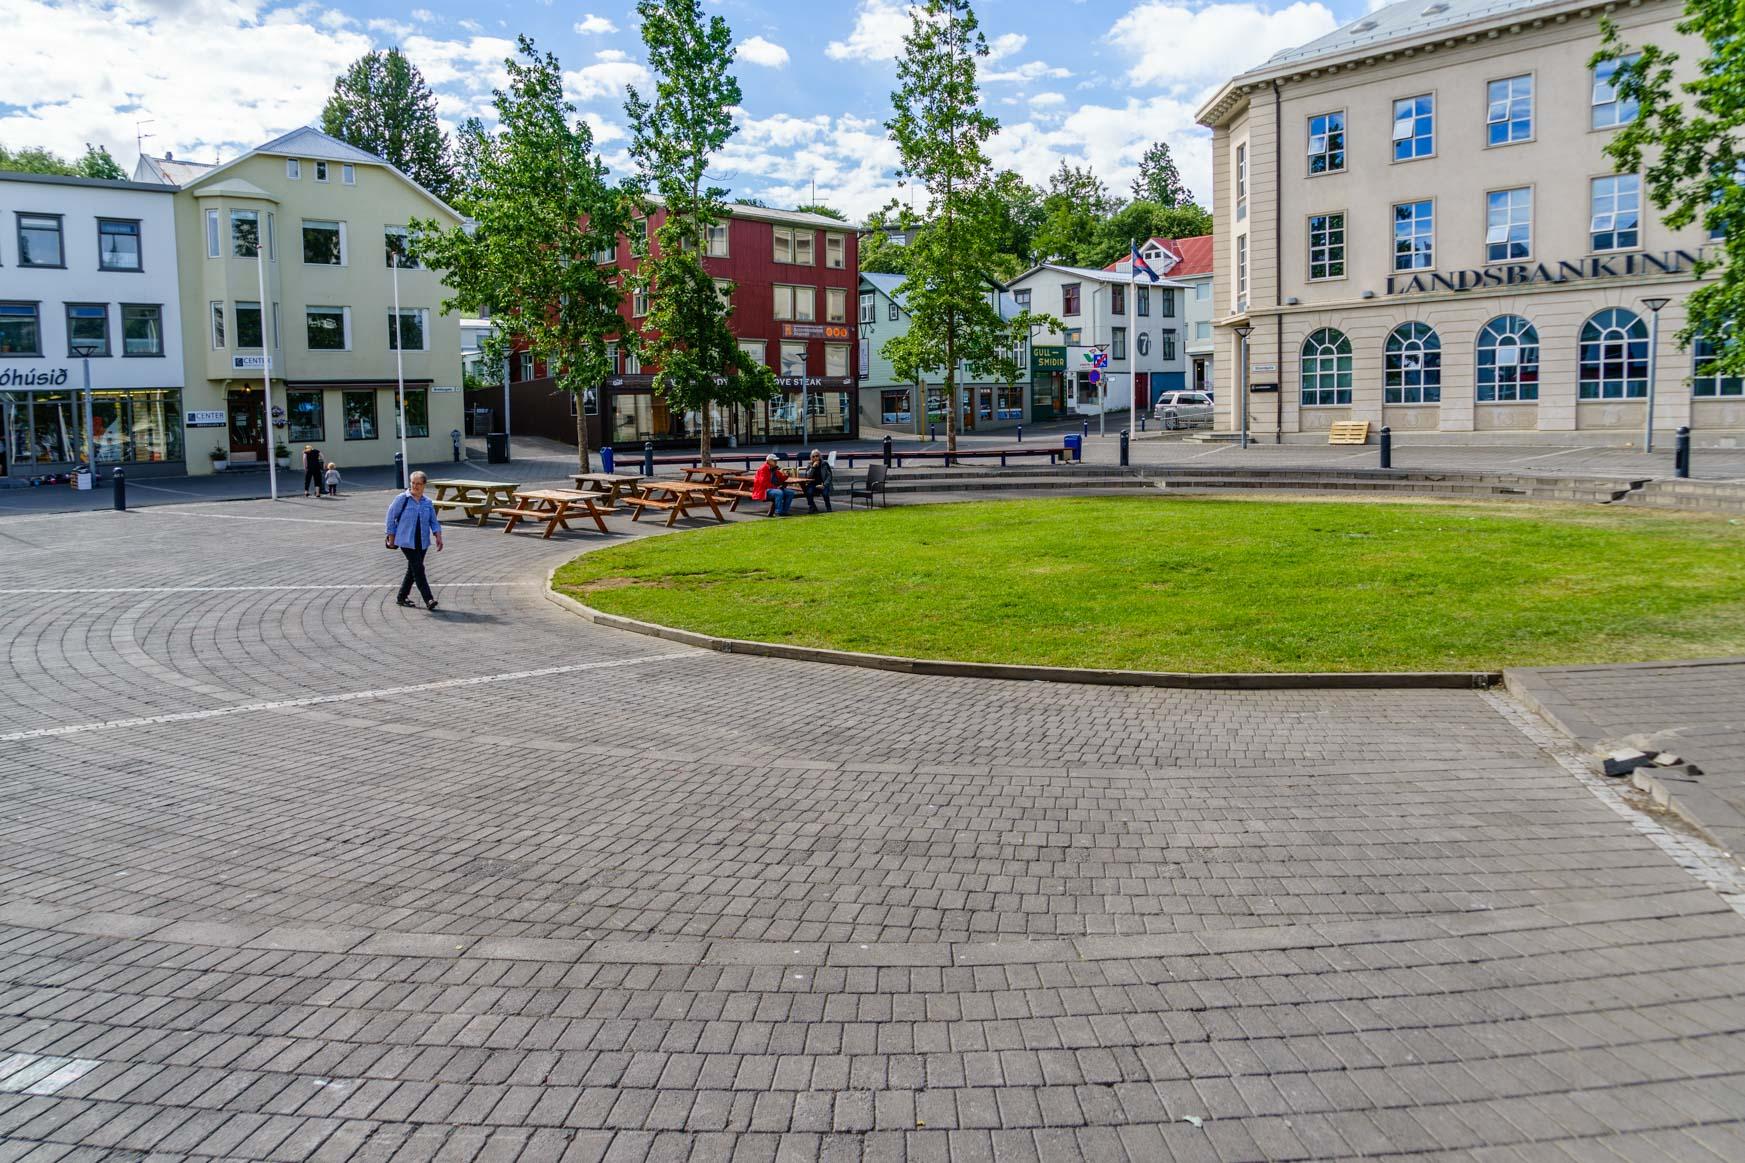 Platz in der Fußgängerzone